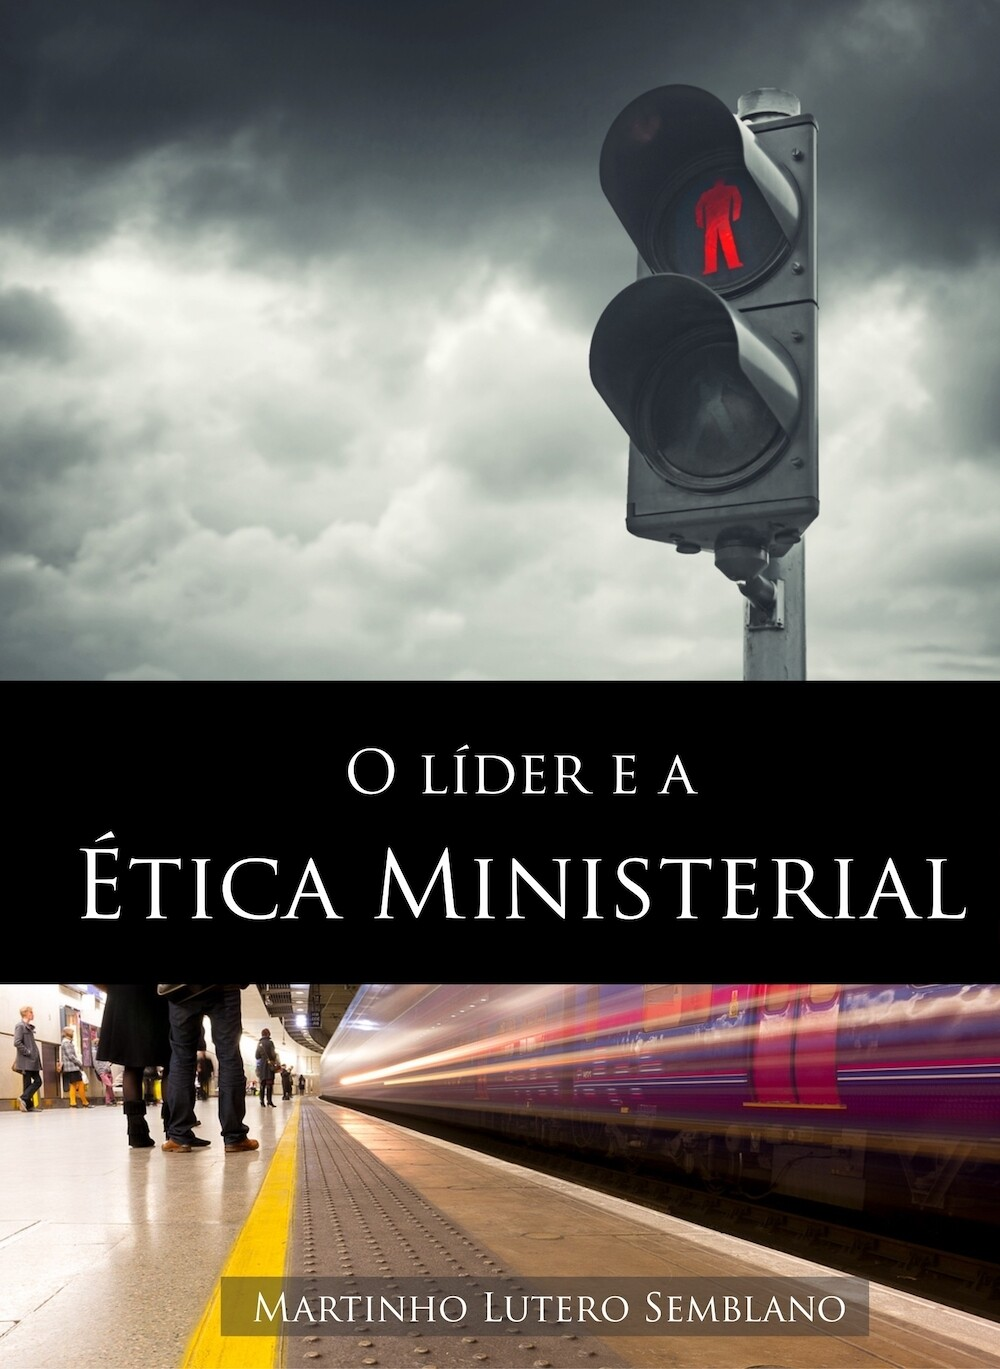 O líder e a ética ministerial